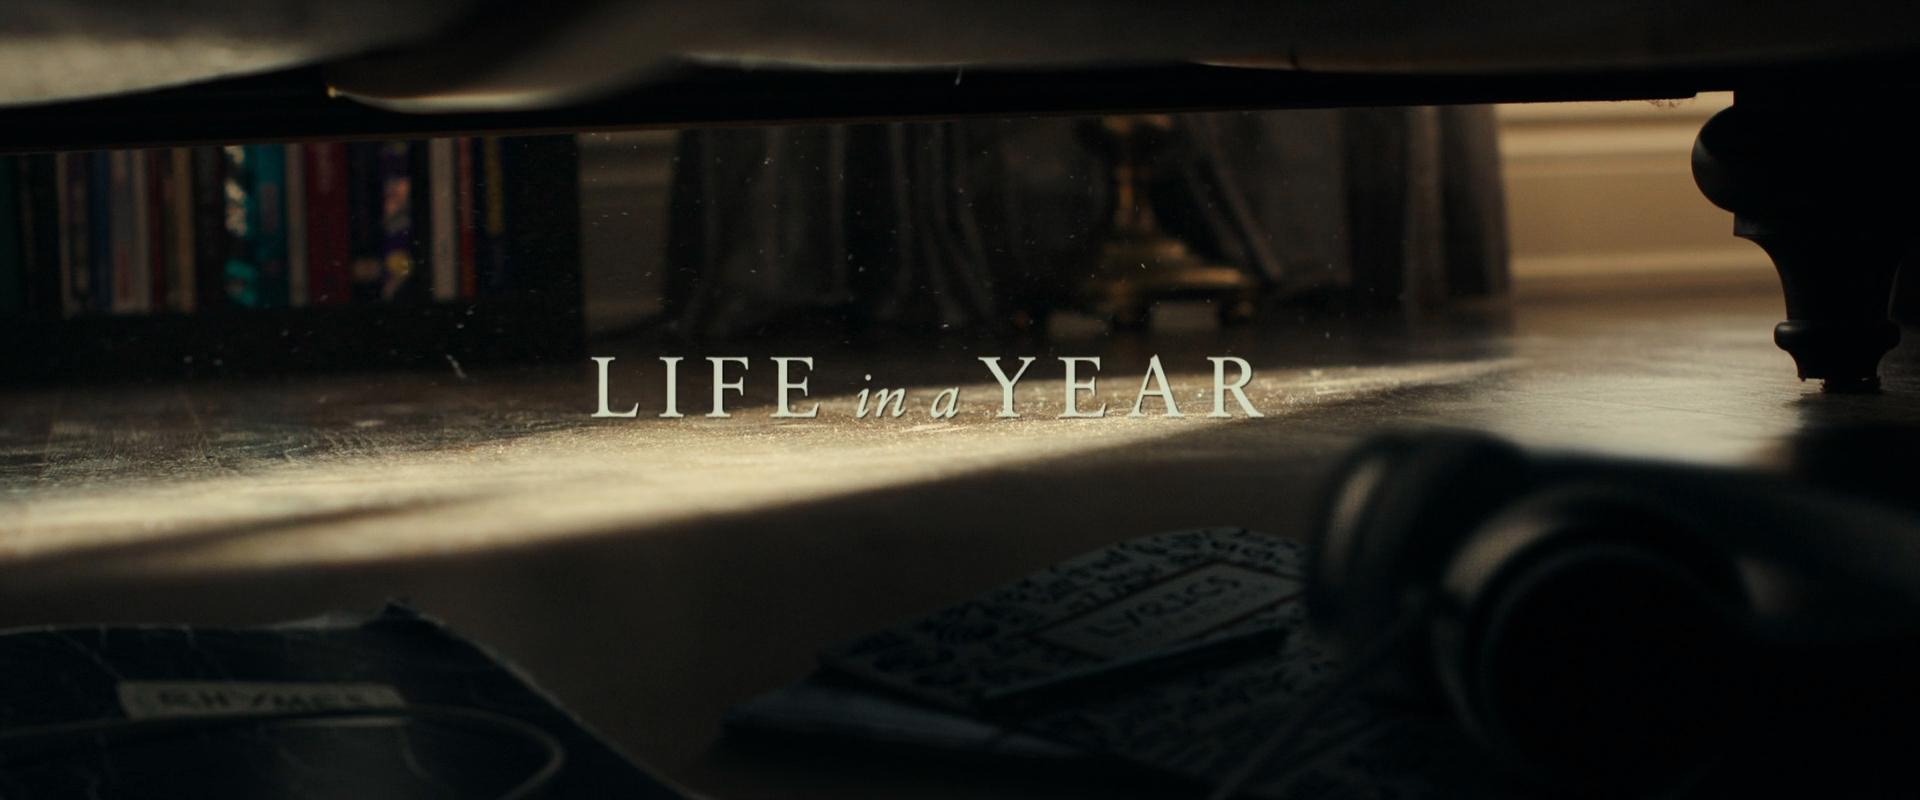 Toda una vida en un año (2020) 1080p WEB-DL AMZN Latino